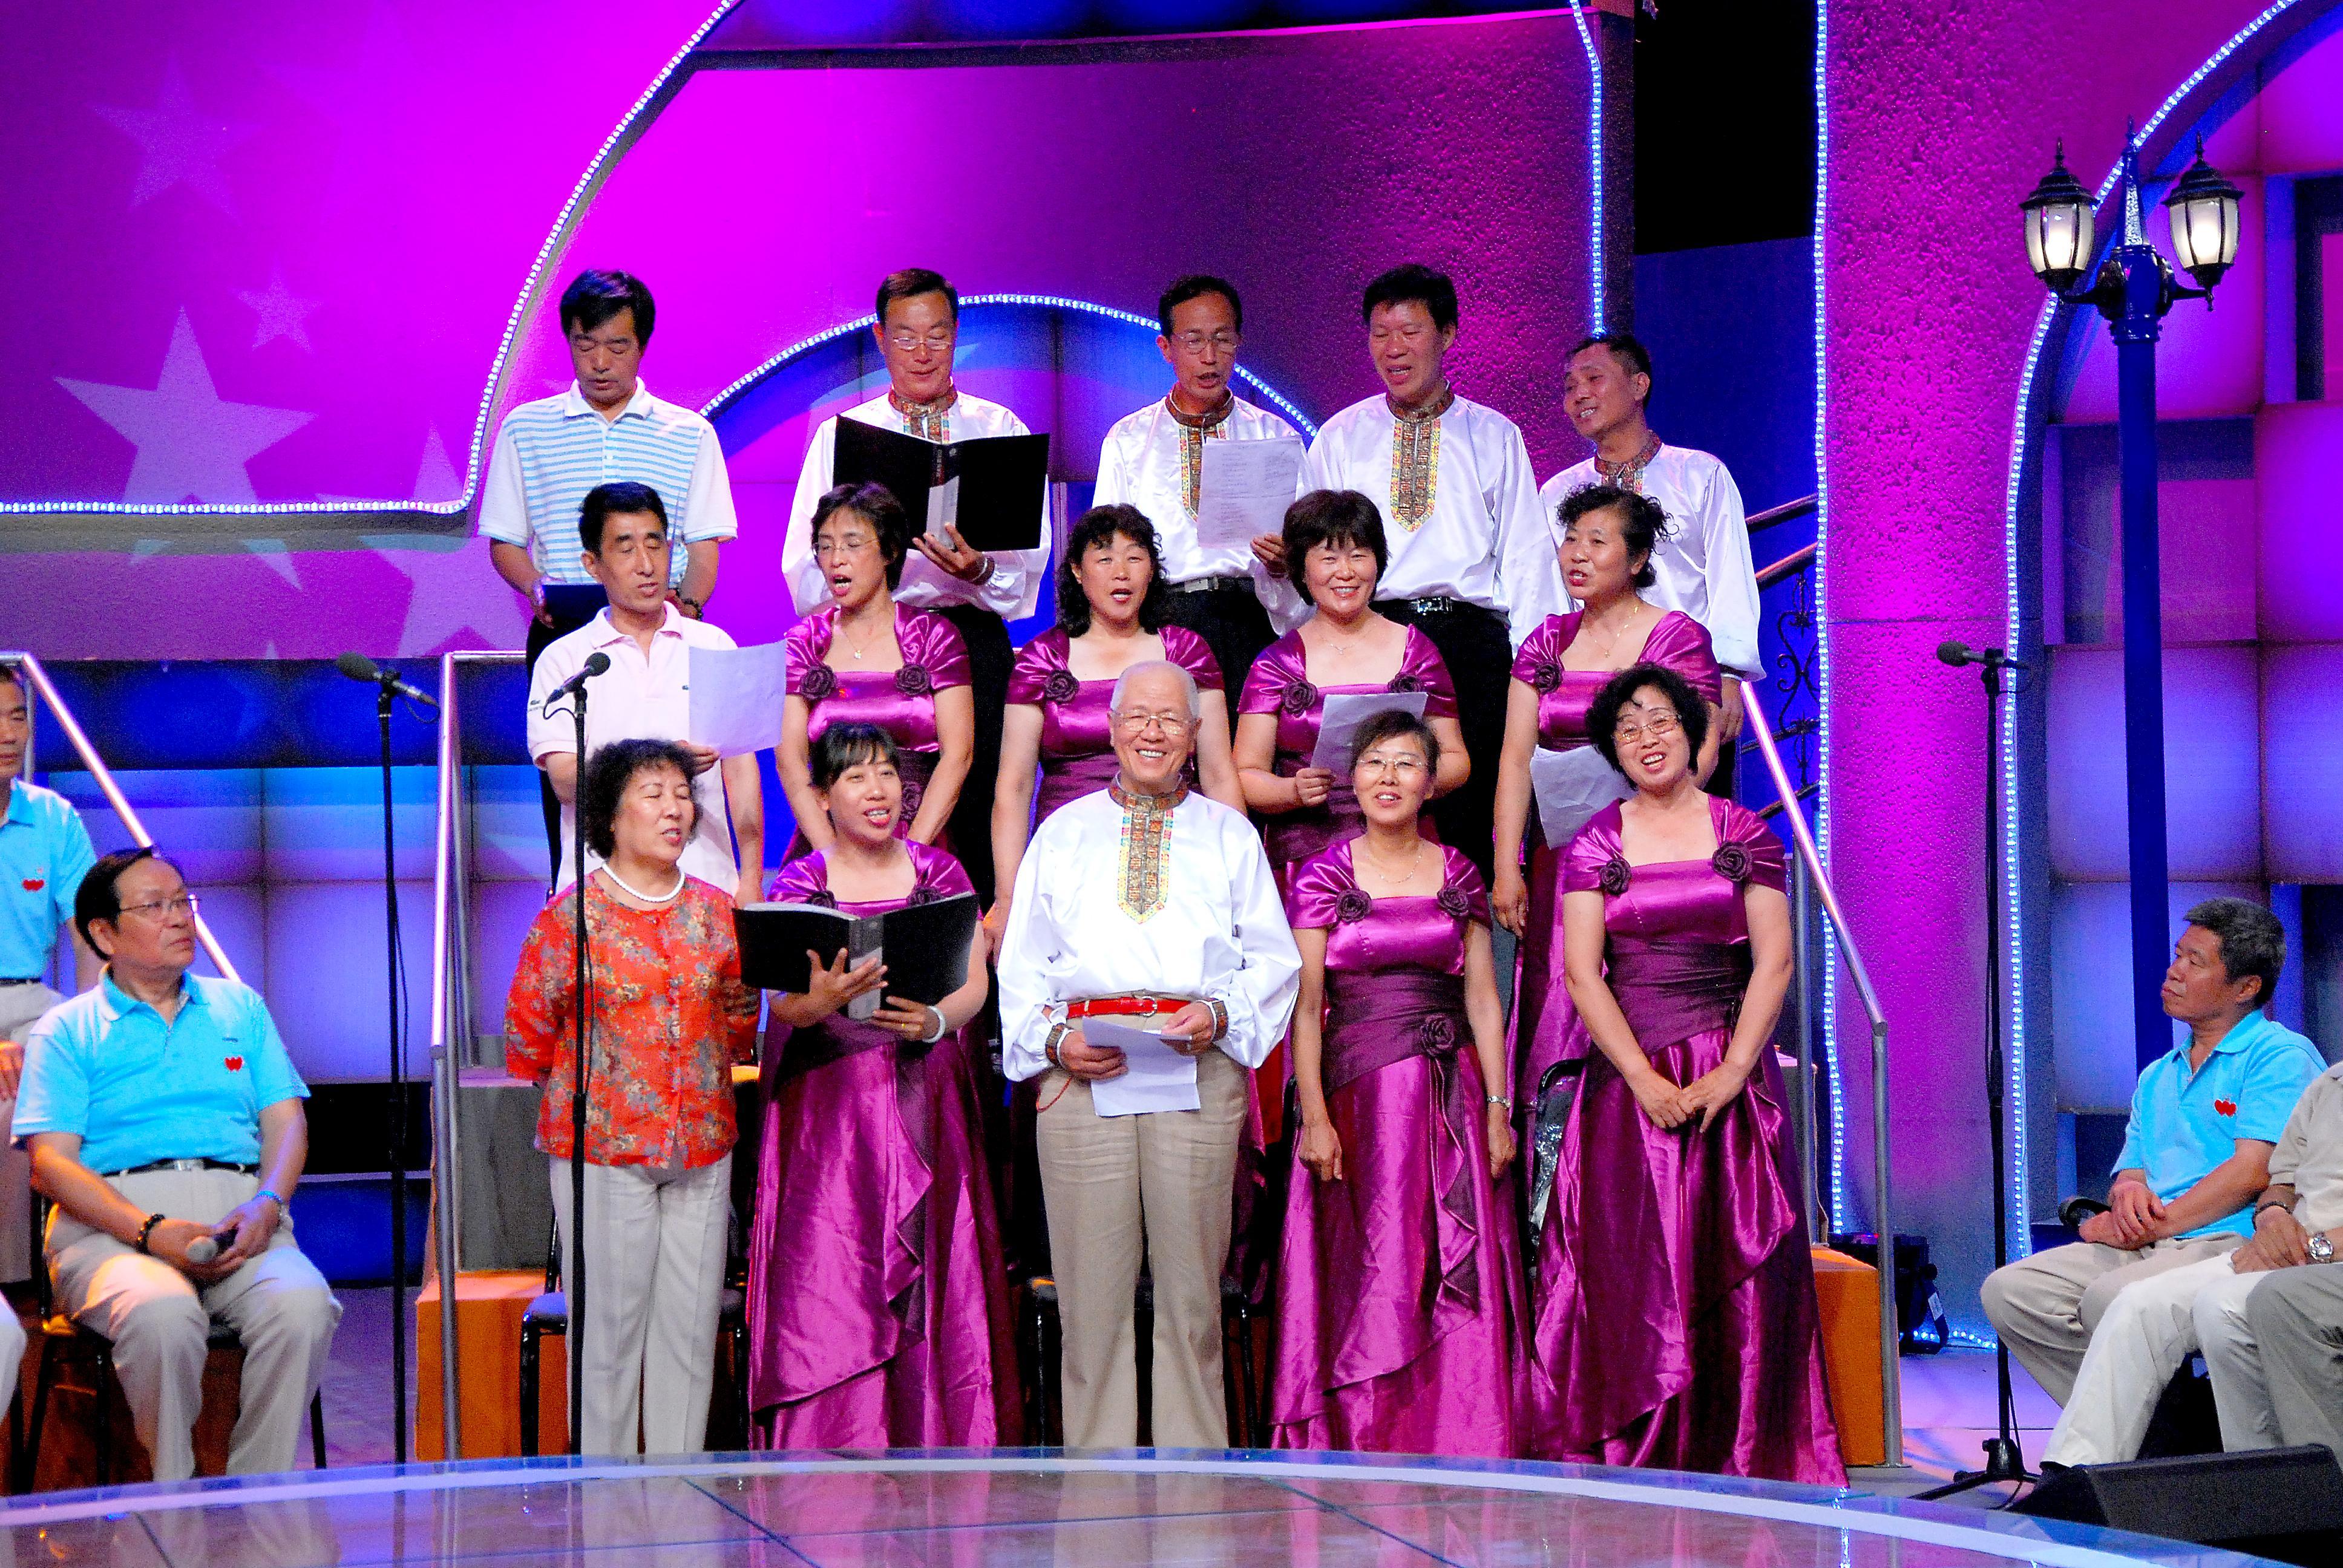 景山激情广场合唱团